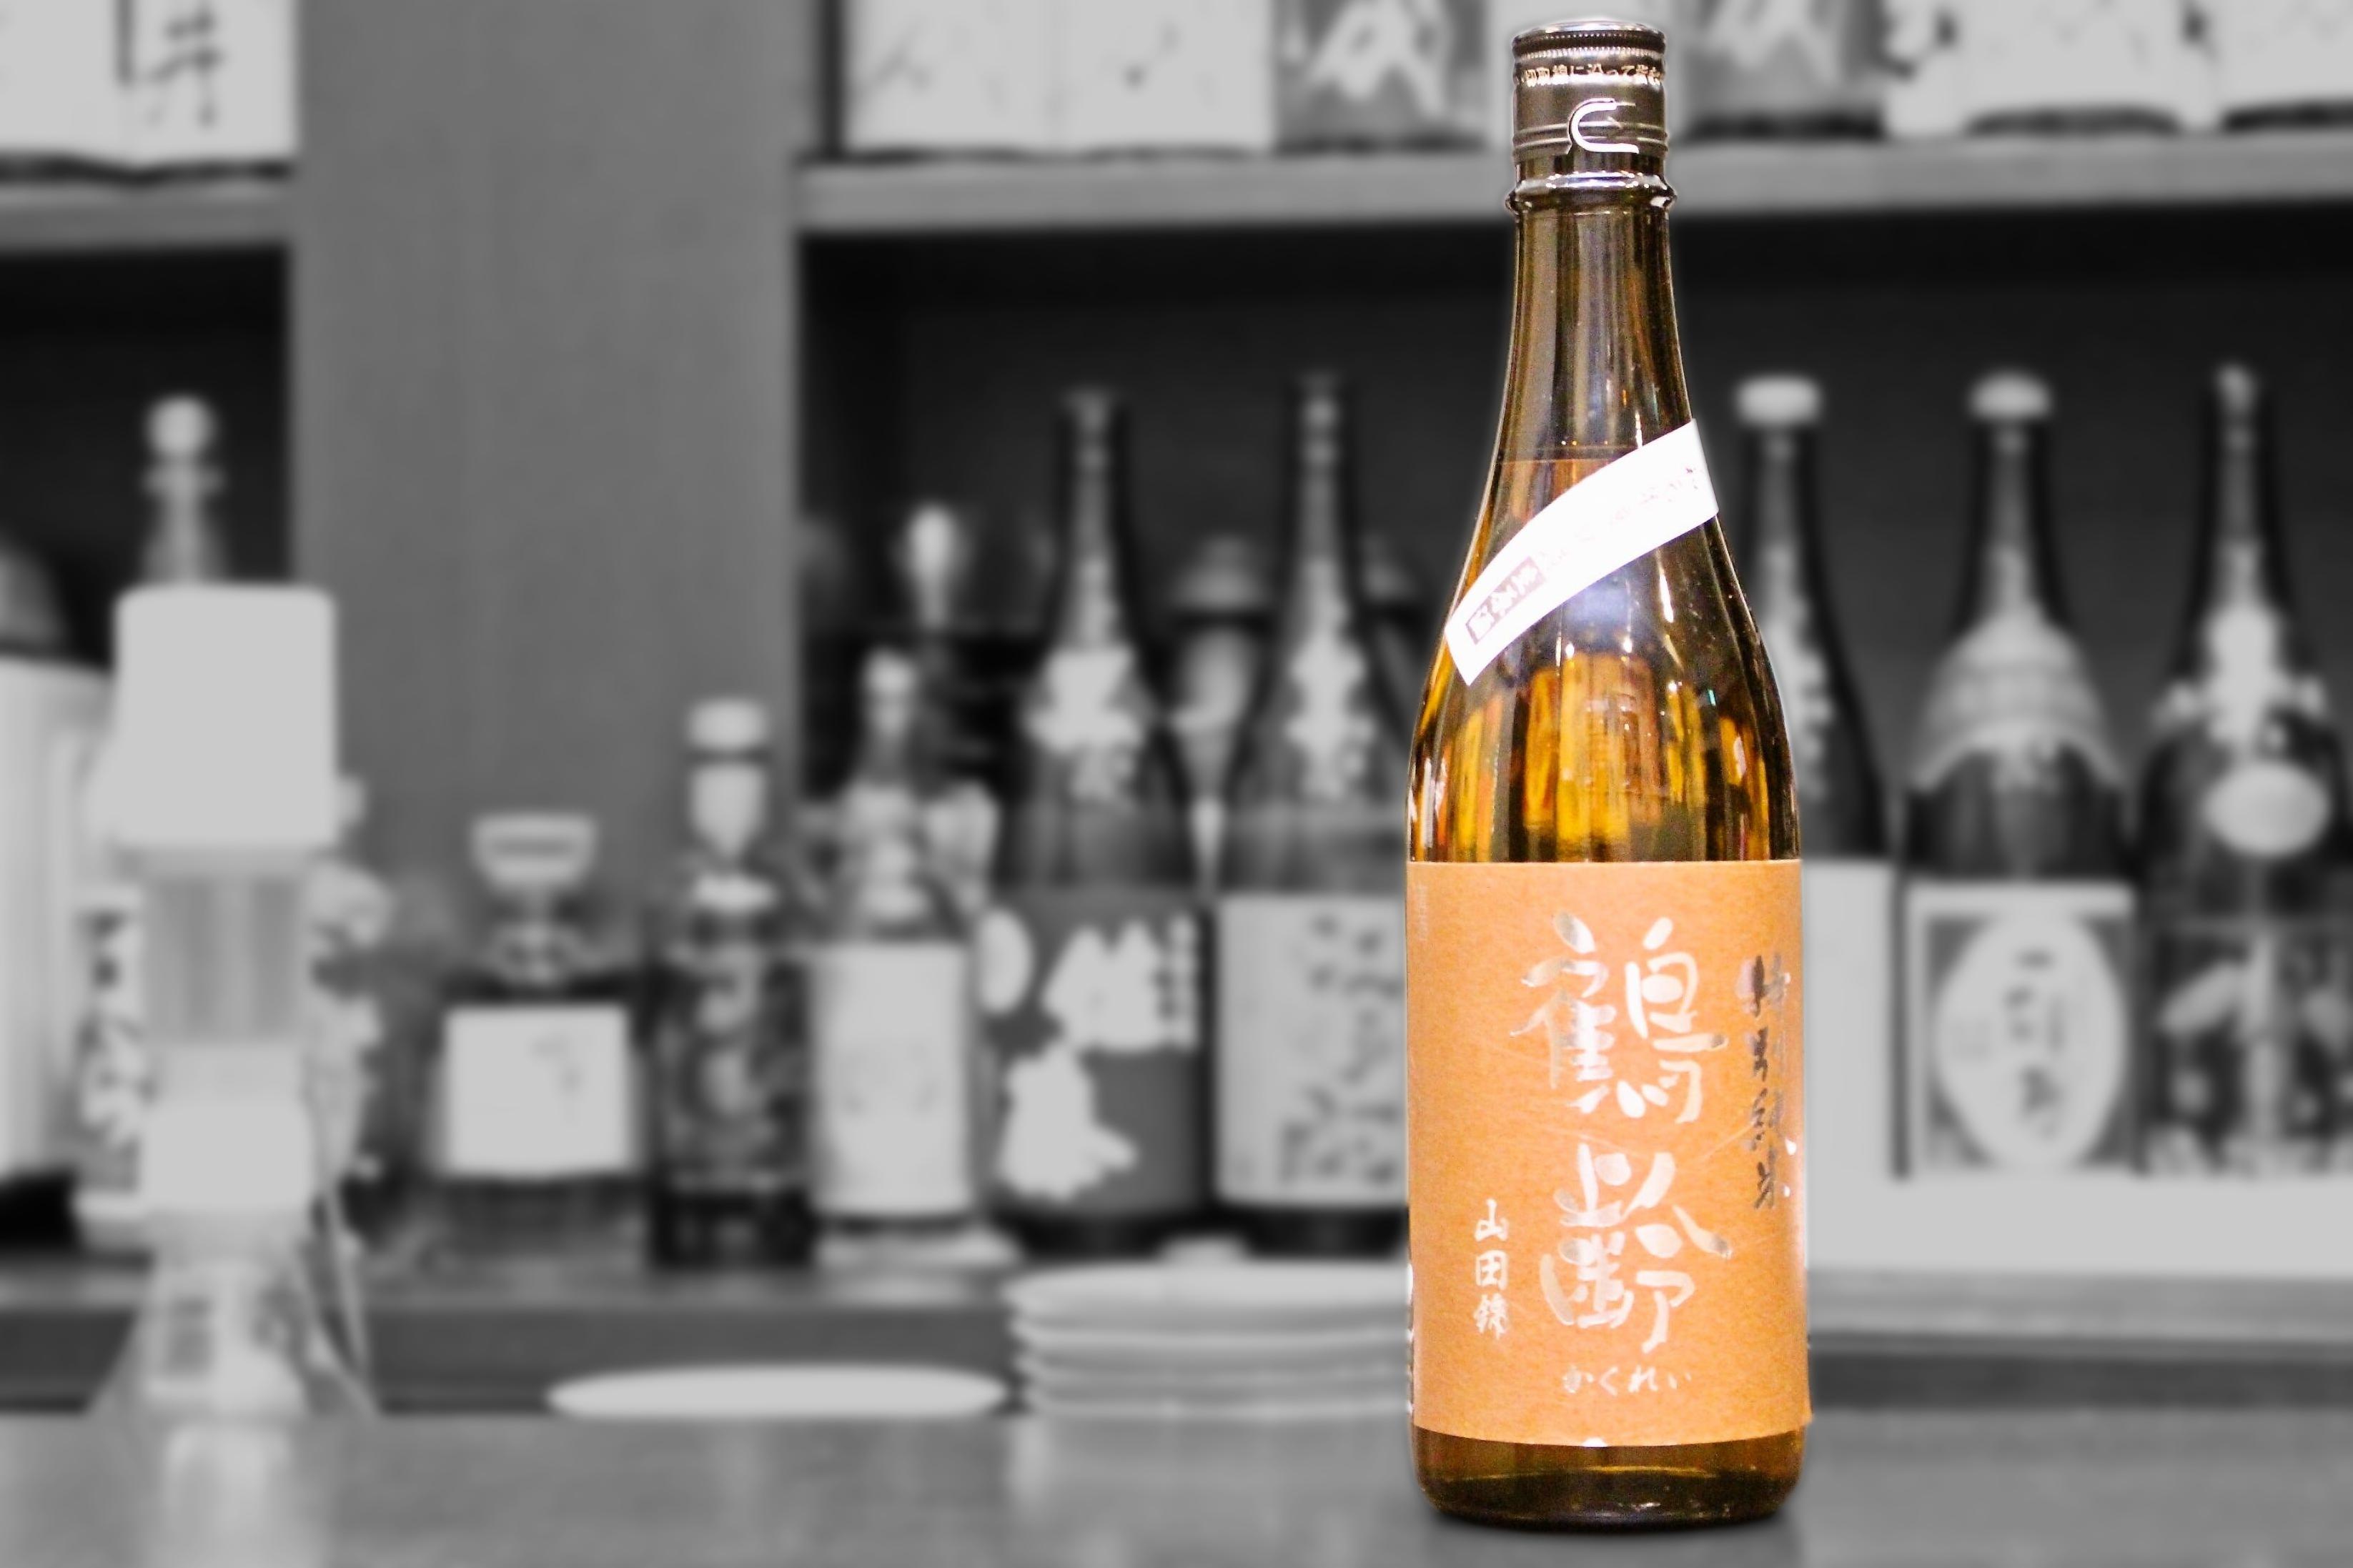 鶴齢特別純米山田錦生原酒202003-001